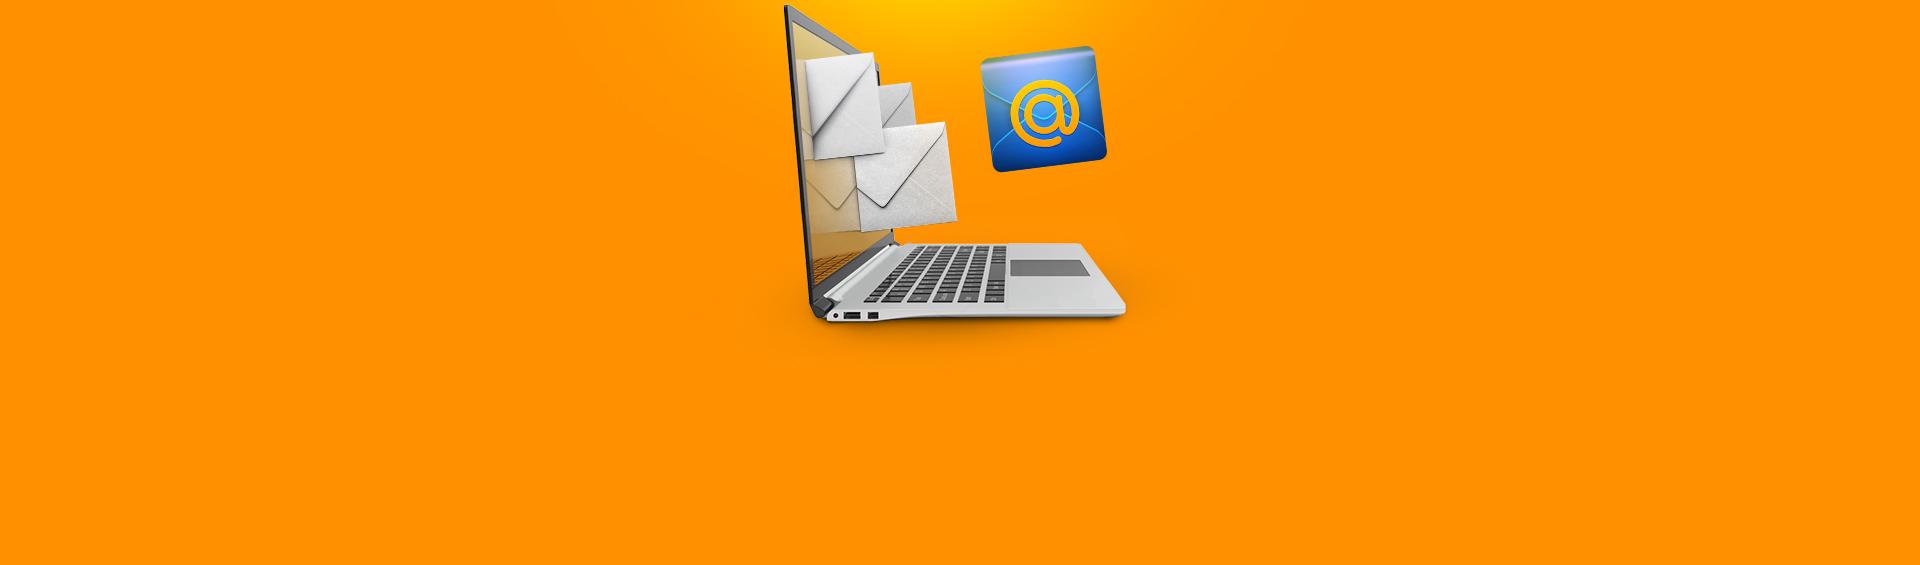 Каксделать массовую рассылку вMail.ru